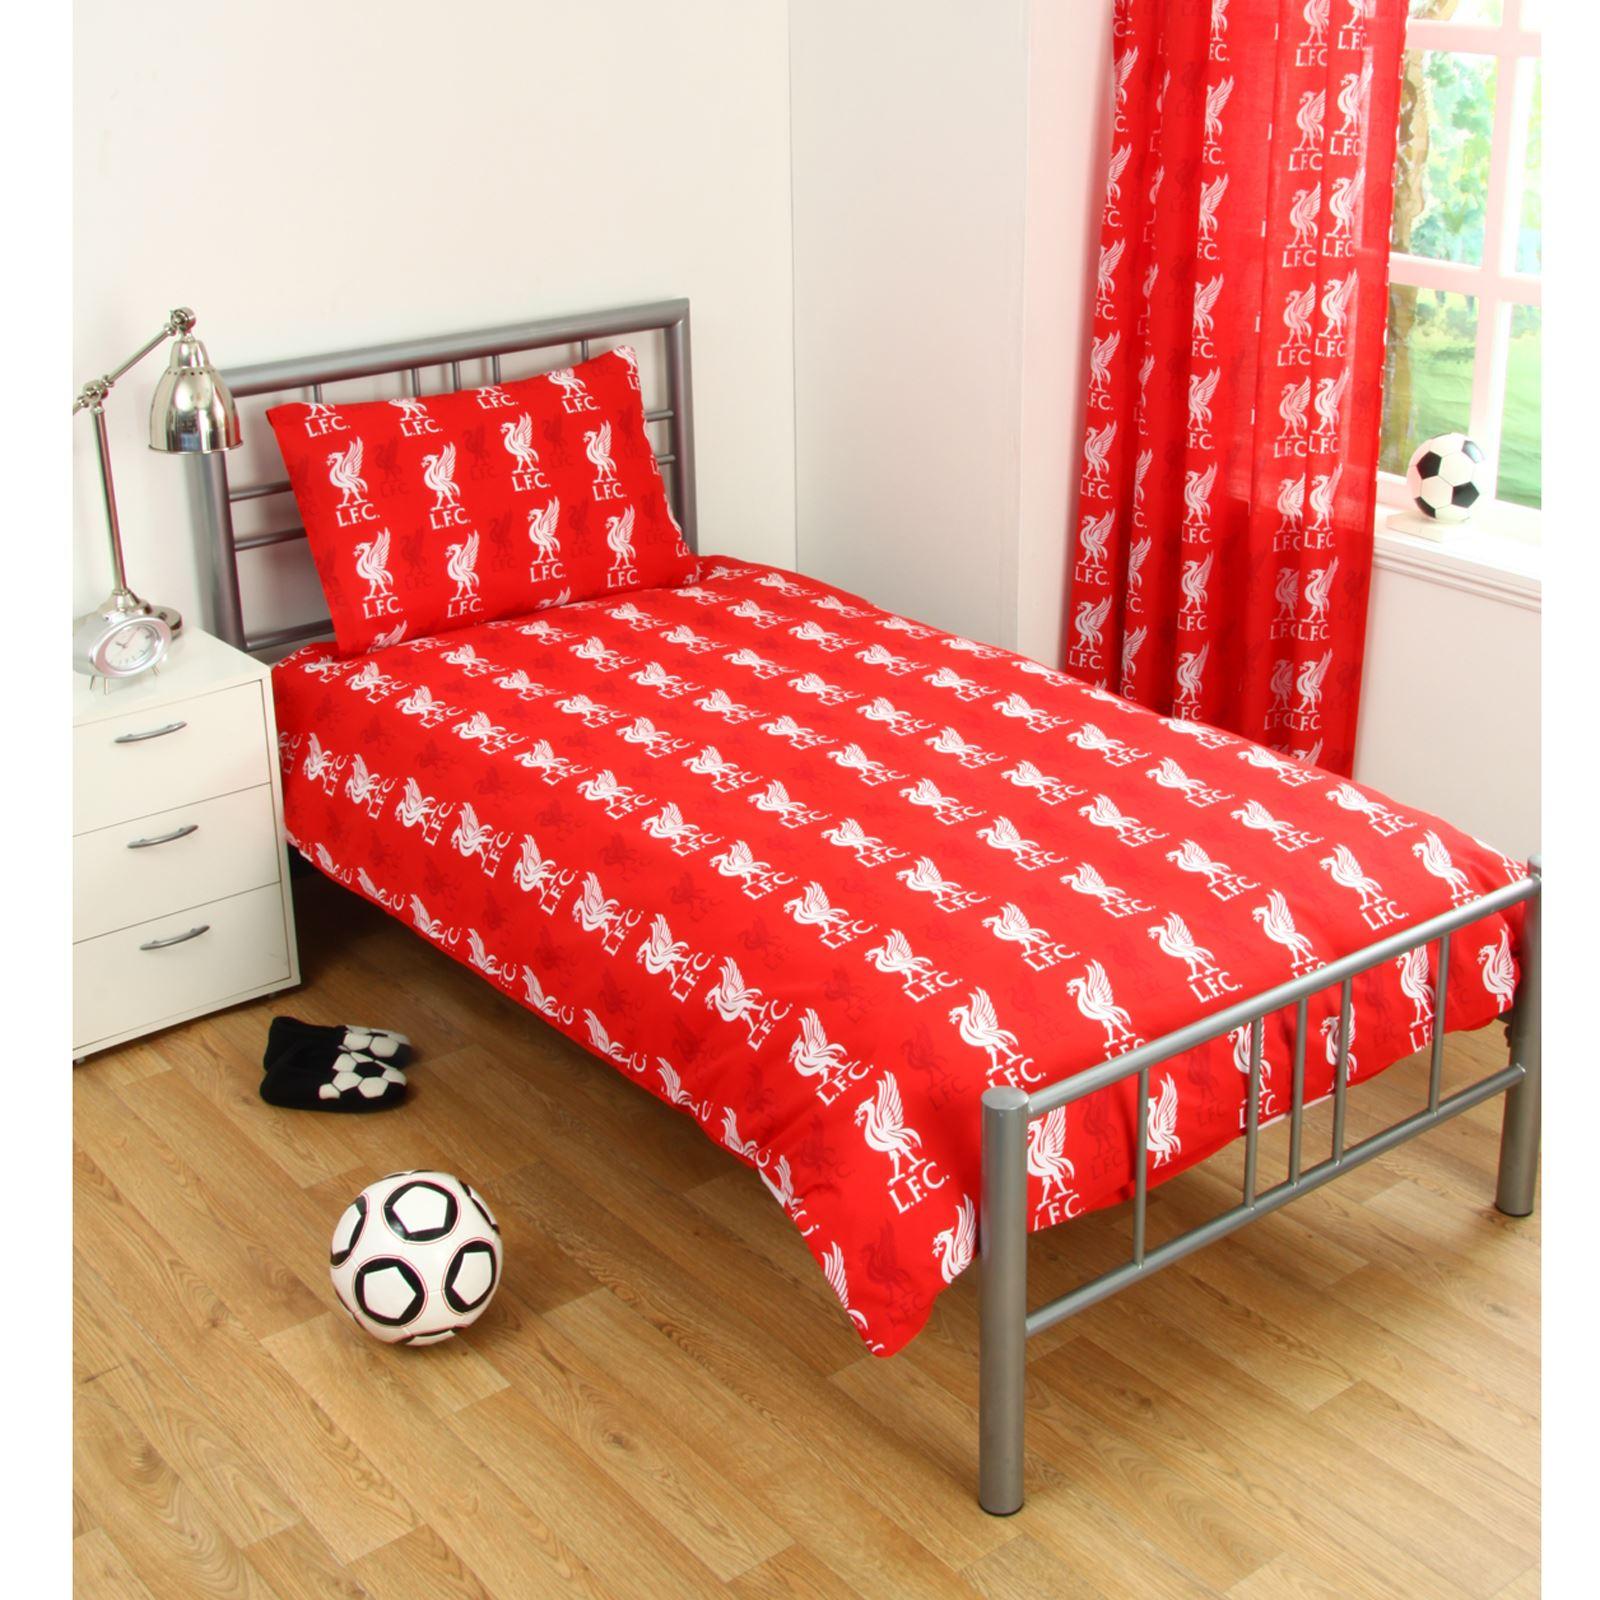 Liverpool fc individual y funda doble de edred n sets ropa - Cama doble para ninos ...